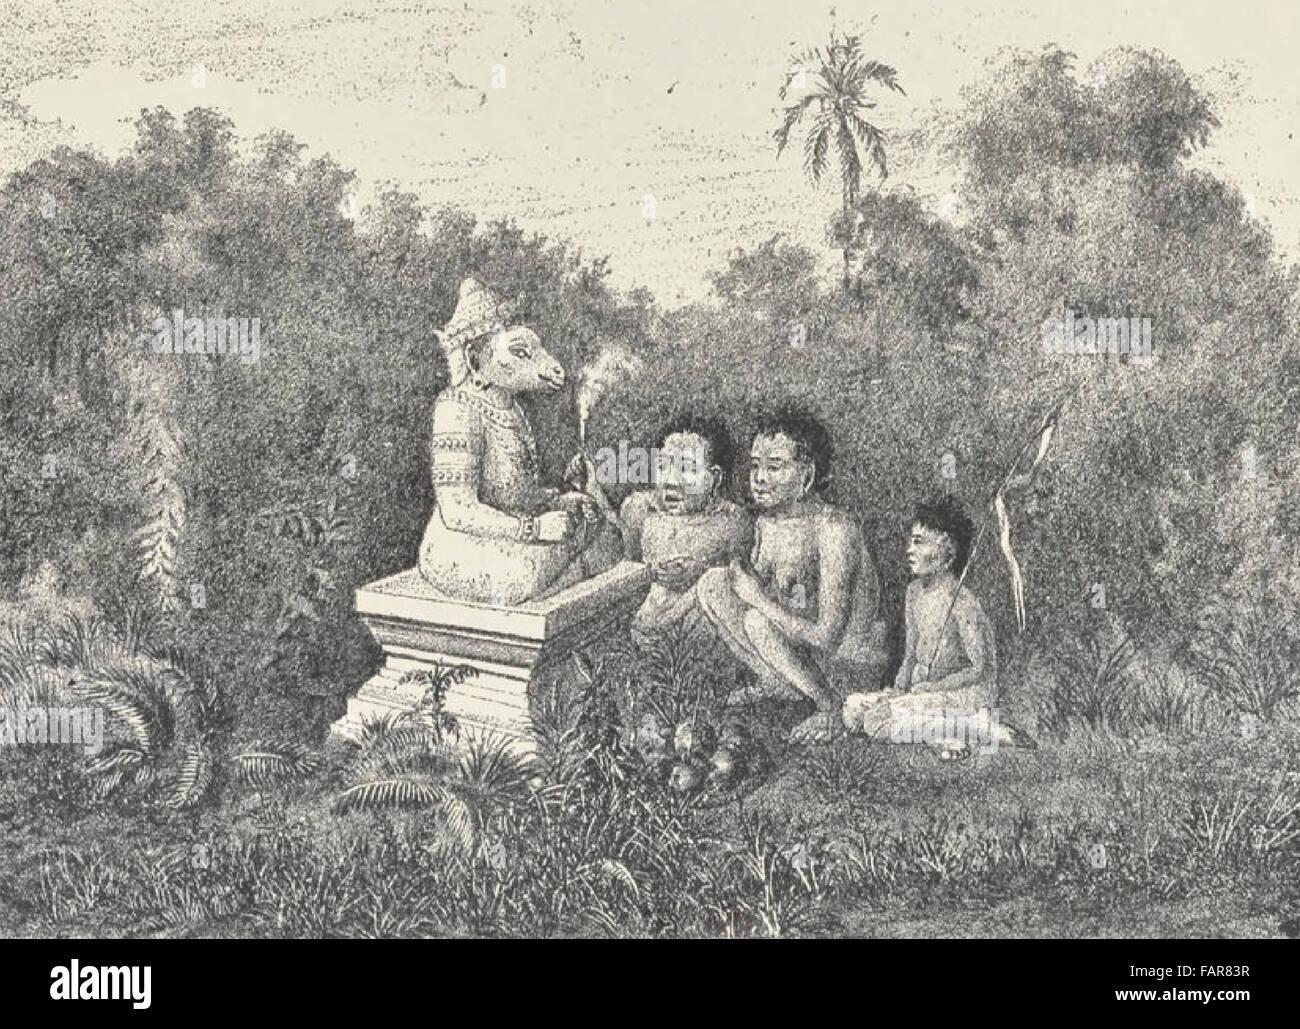 Die Hütergottheit der Pyramide von Phnom Penh, Kambodscha 1880 anzubieten Stockfoto